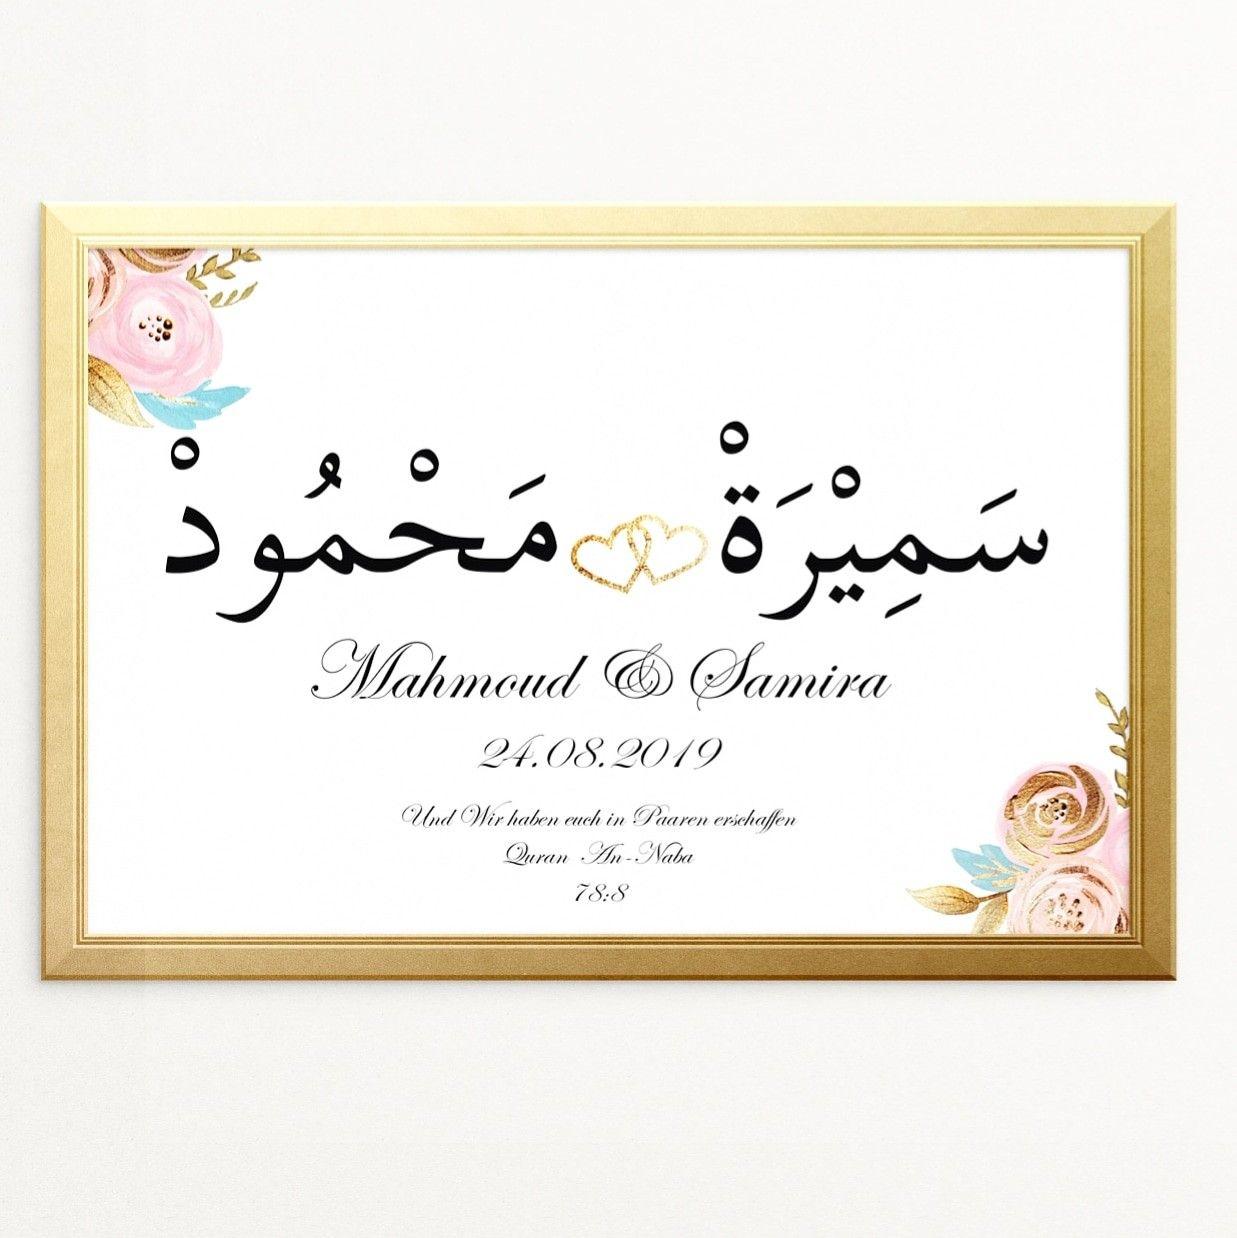 Islamische Hochzeits Poster Bilder Geschenkideen Gold Nikah Ehepaare Arabische Kalligraphie Islamische Geschenke Islamische Hochzeit Hochzeit Bilder